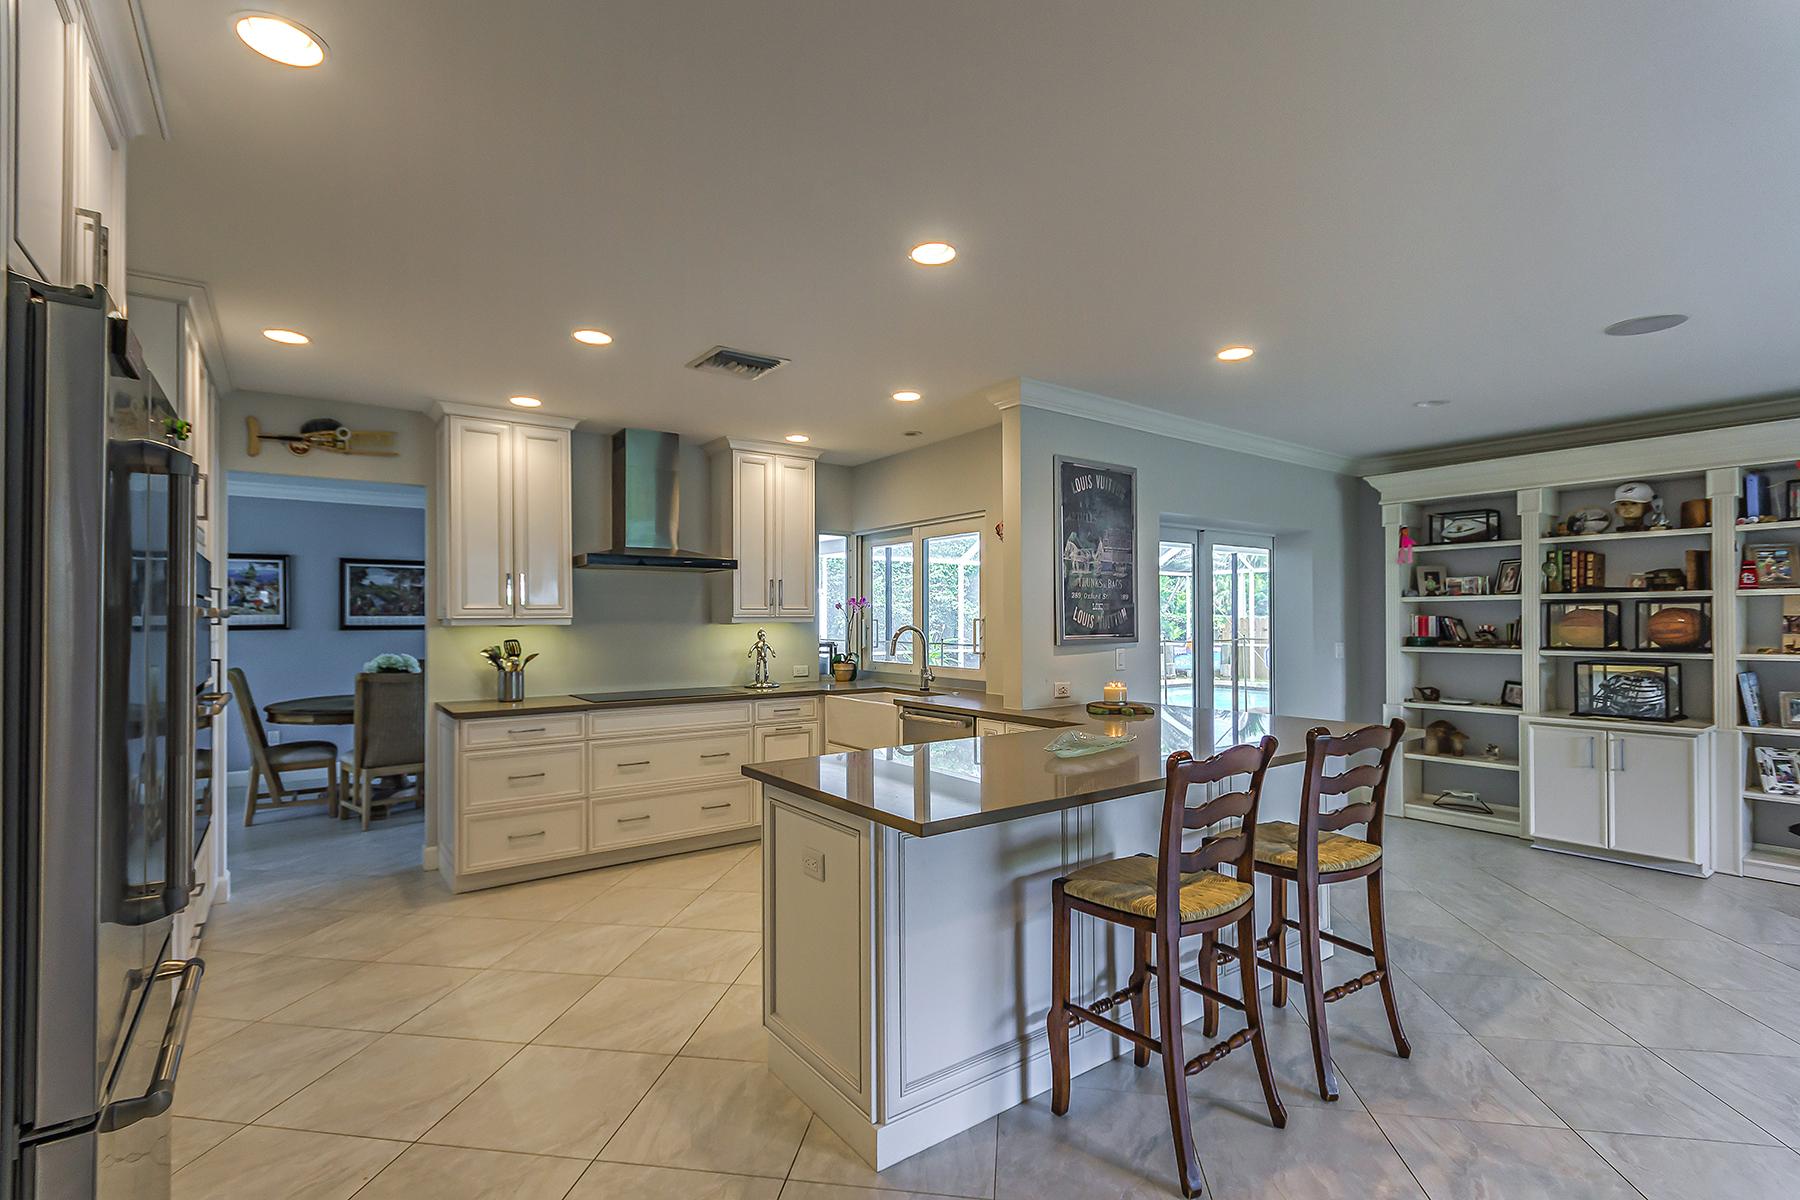 独户住宅 为 销售 在 NAPLES TERRACE - THURNER 2742 14th St N 那不勒斯, 佛罗里达州, 34103 美国